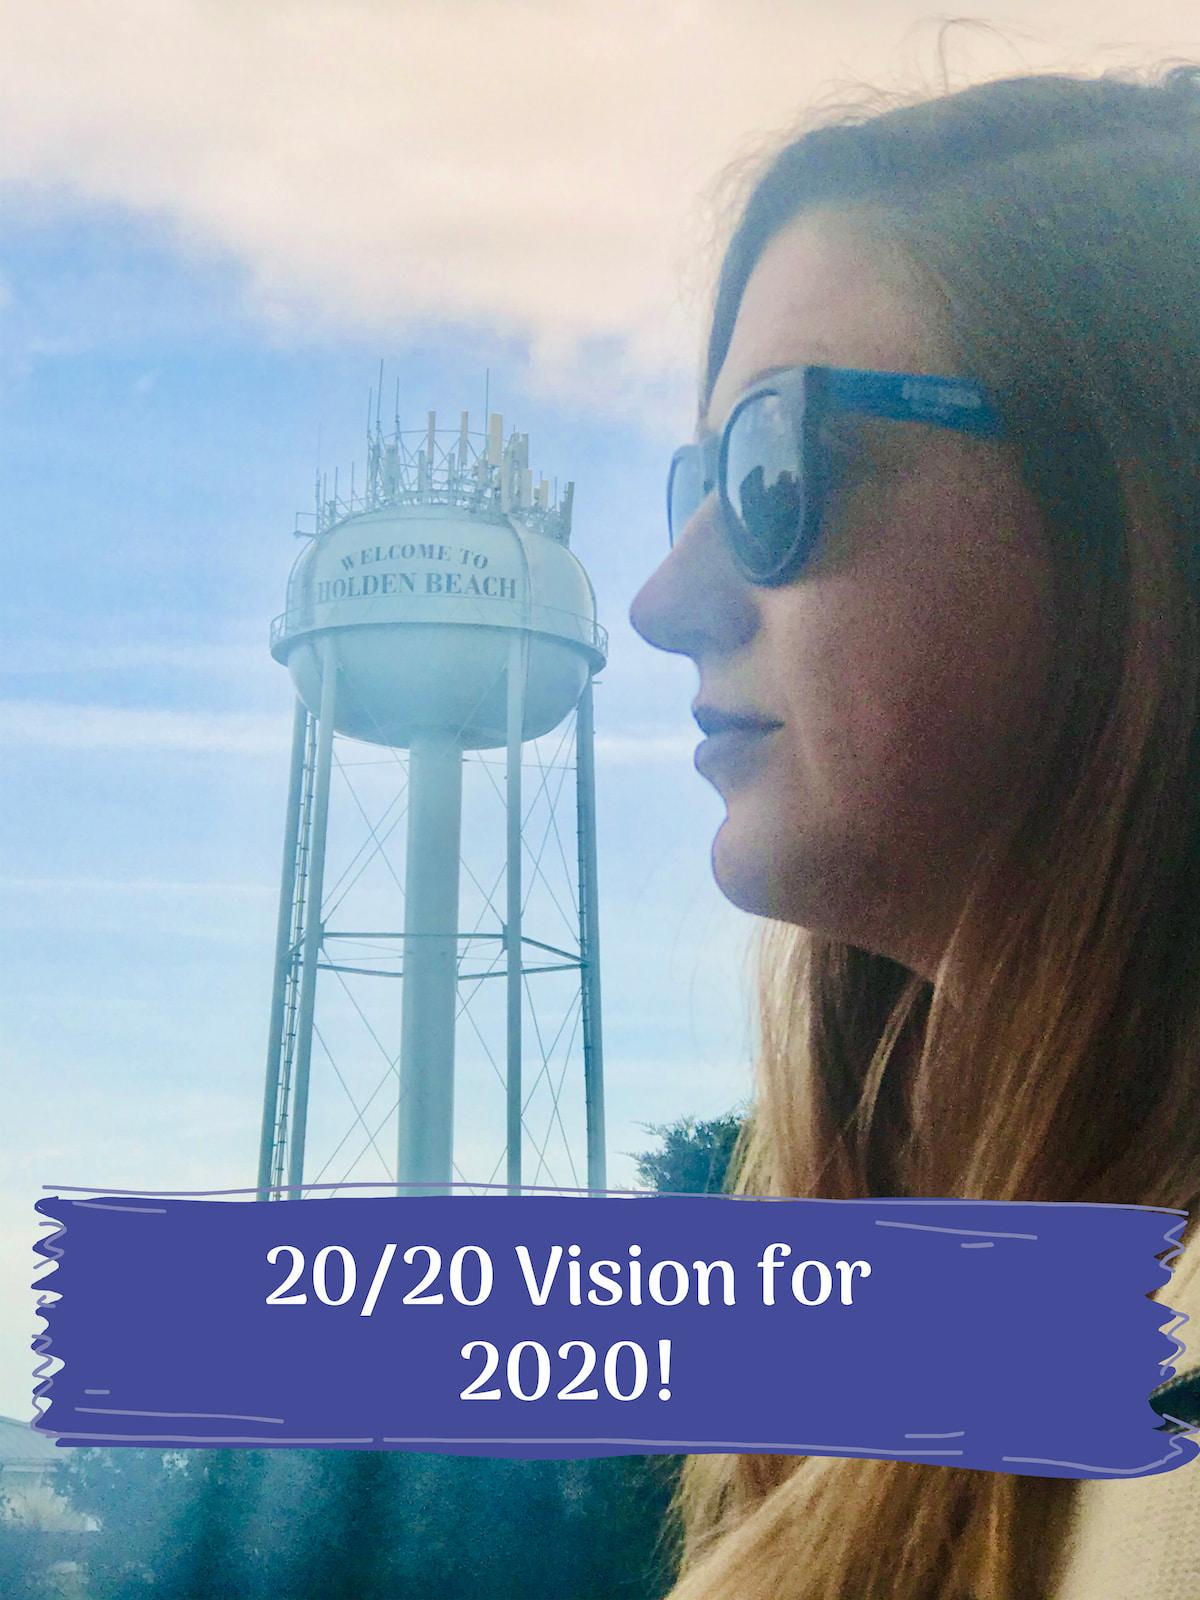 2020 goals for holden beach